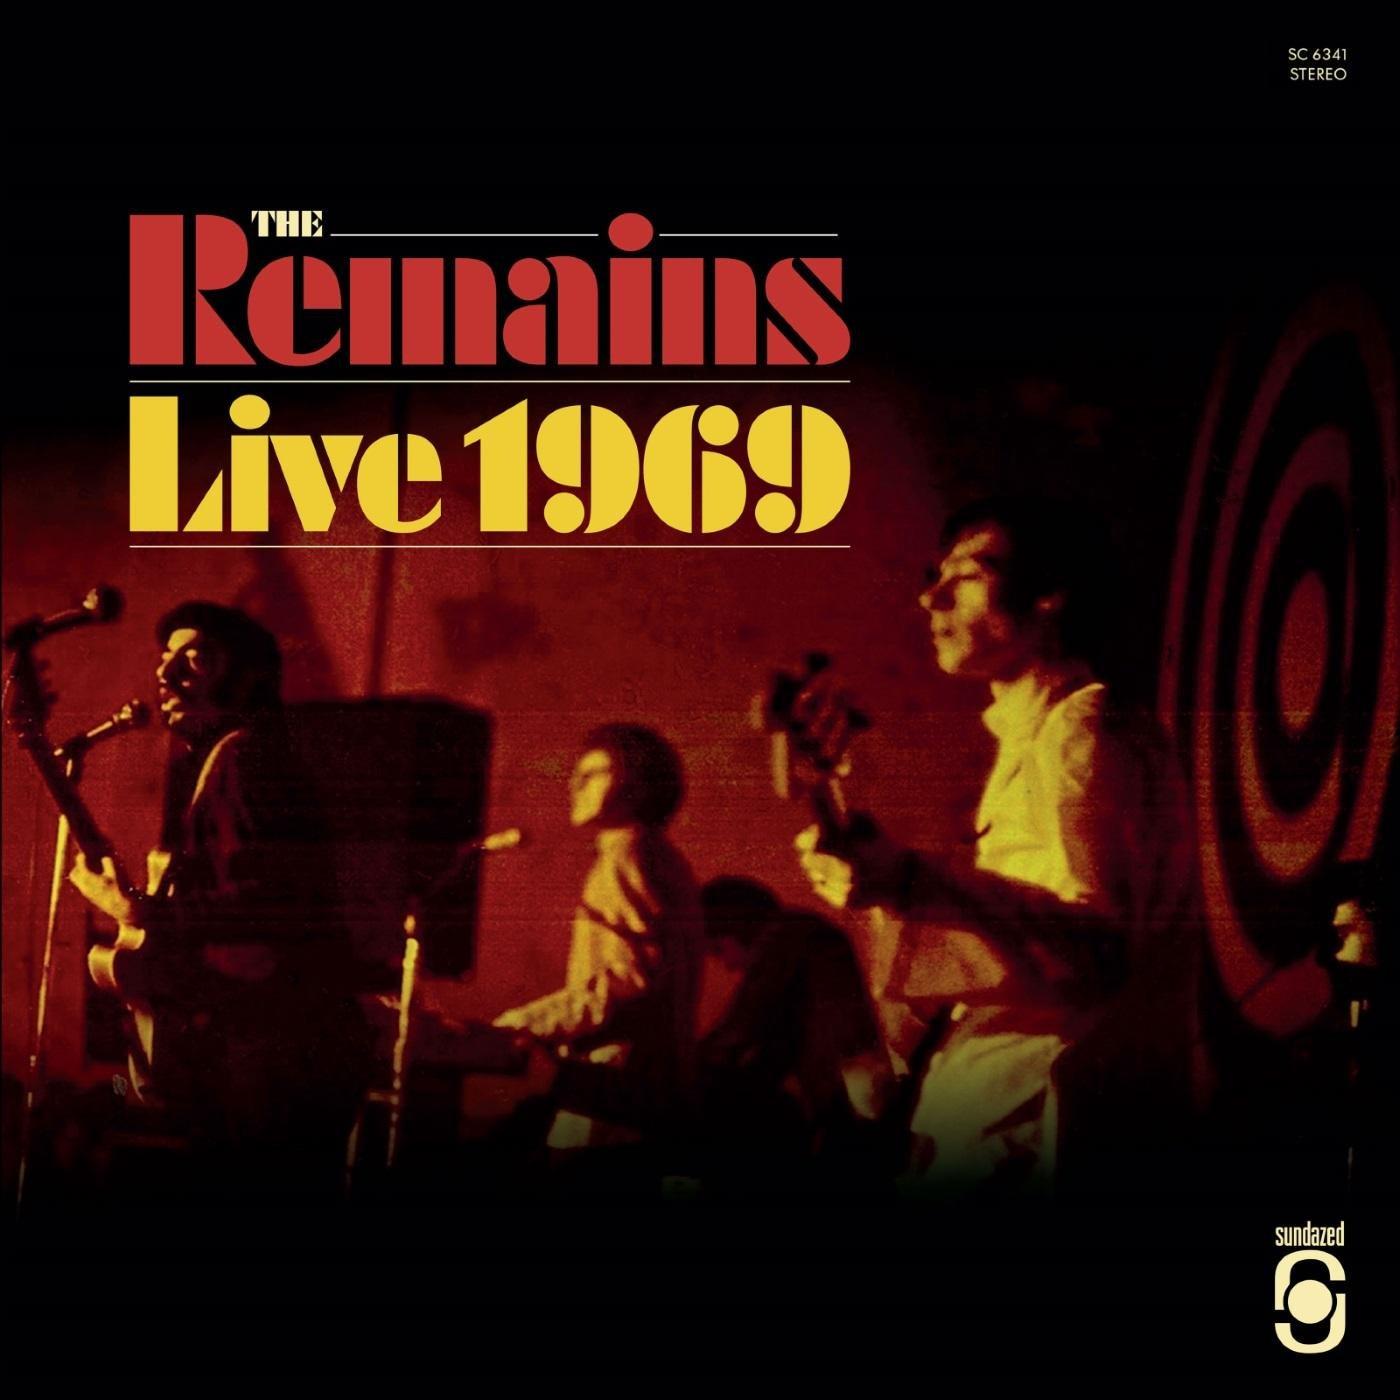 Vinilo : The Remains - Live 1969 (LP Vinyl)